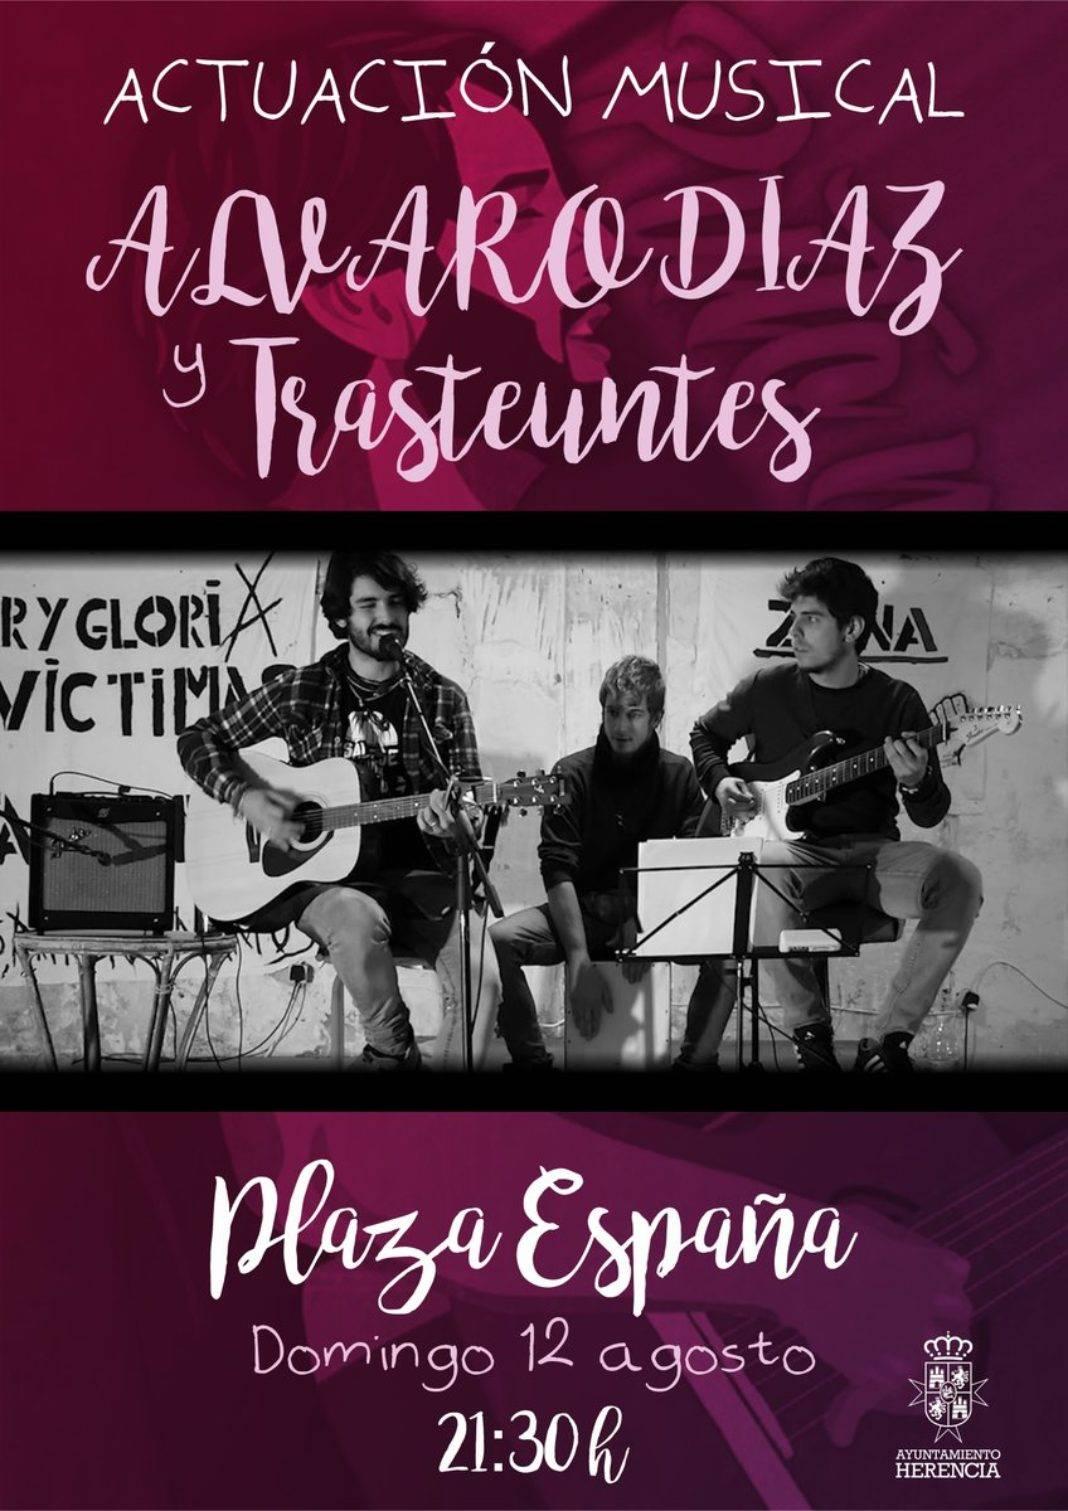 Actuacion musical Alvaro Diaz y Transeuntes 1068x1511 - Concierto de Álvaro Díaz y Trasteuntes en la plaza de España